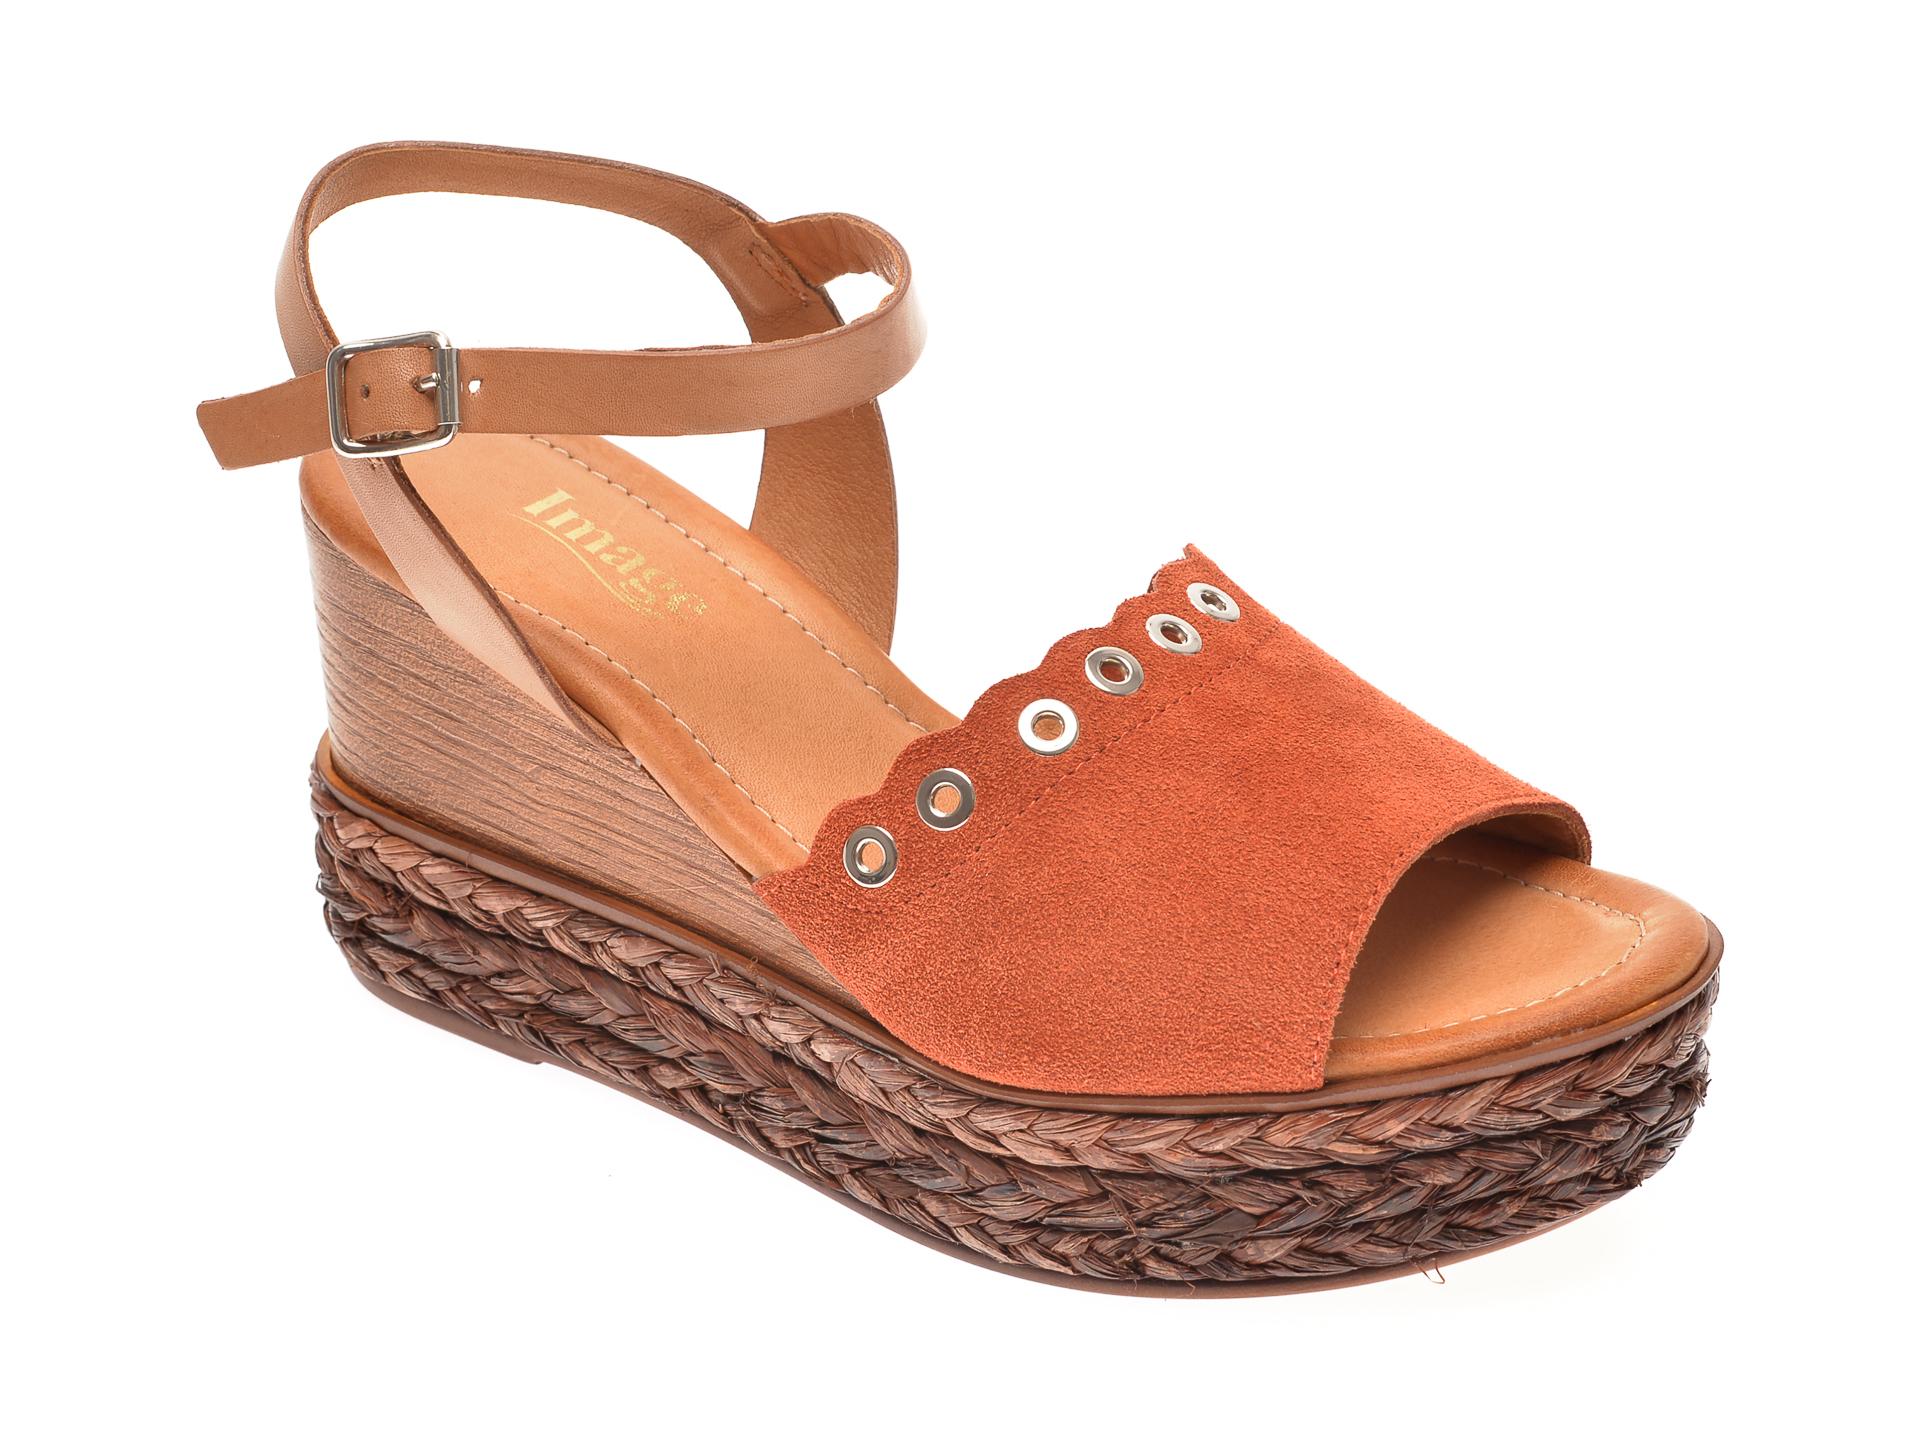 Sandale IMAGE portocalii, 4151, din piele intoarsa